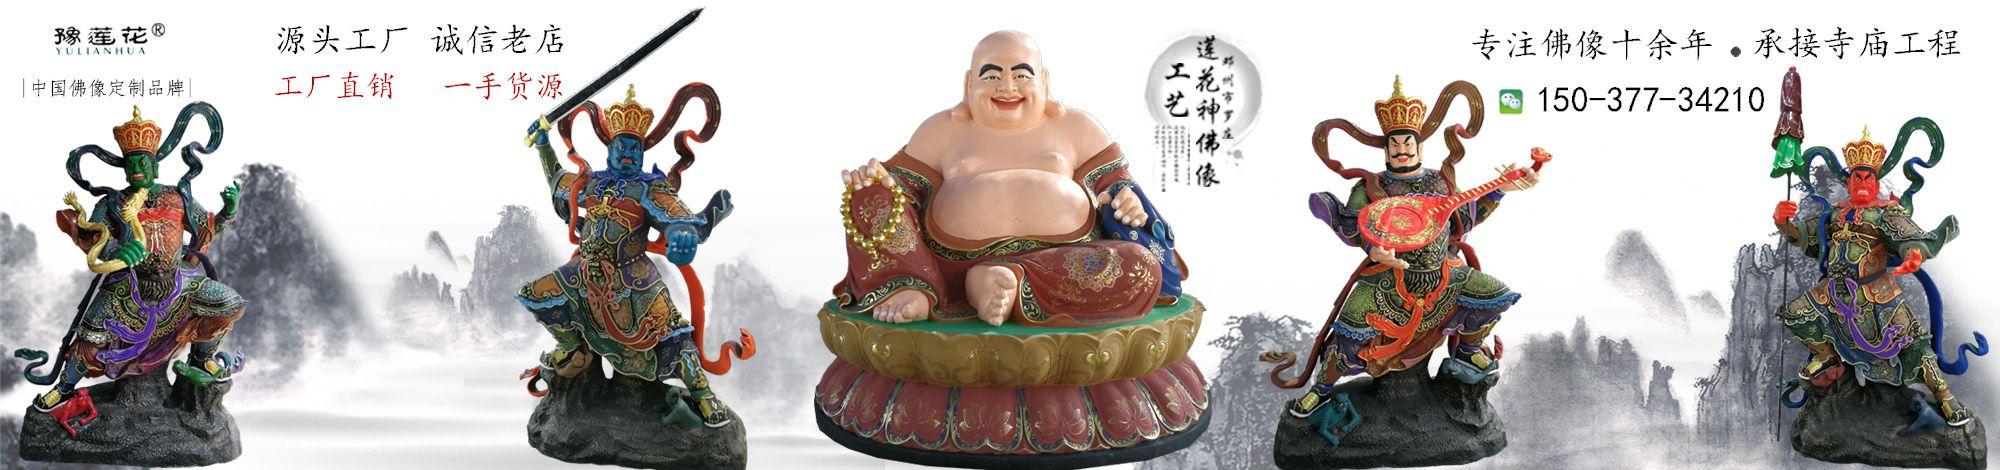 邓州市罗庄莲花神佛像工艺厂